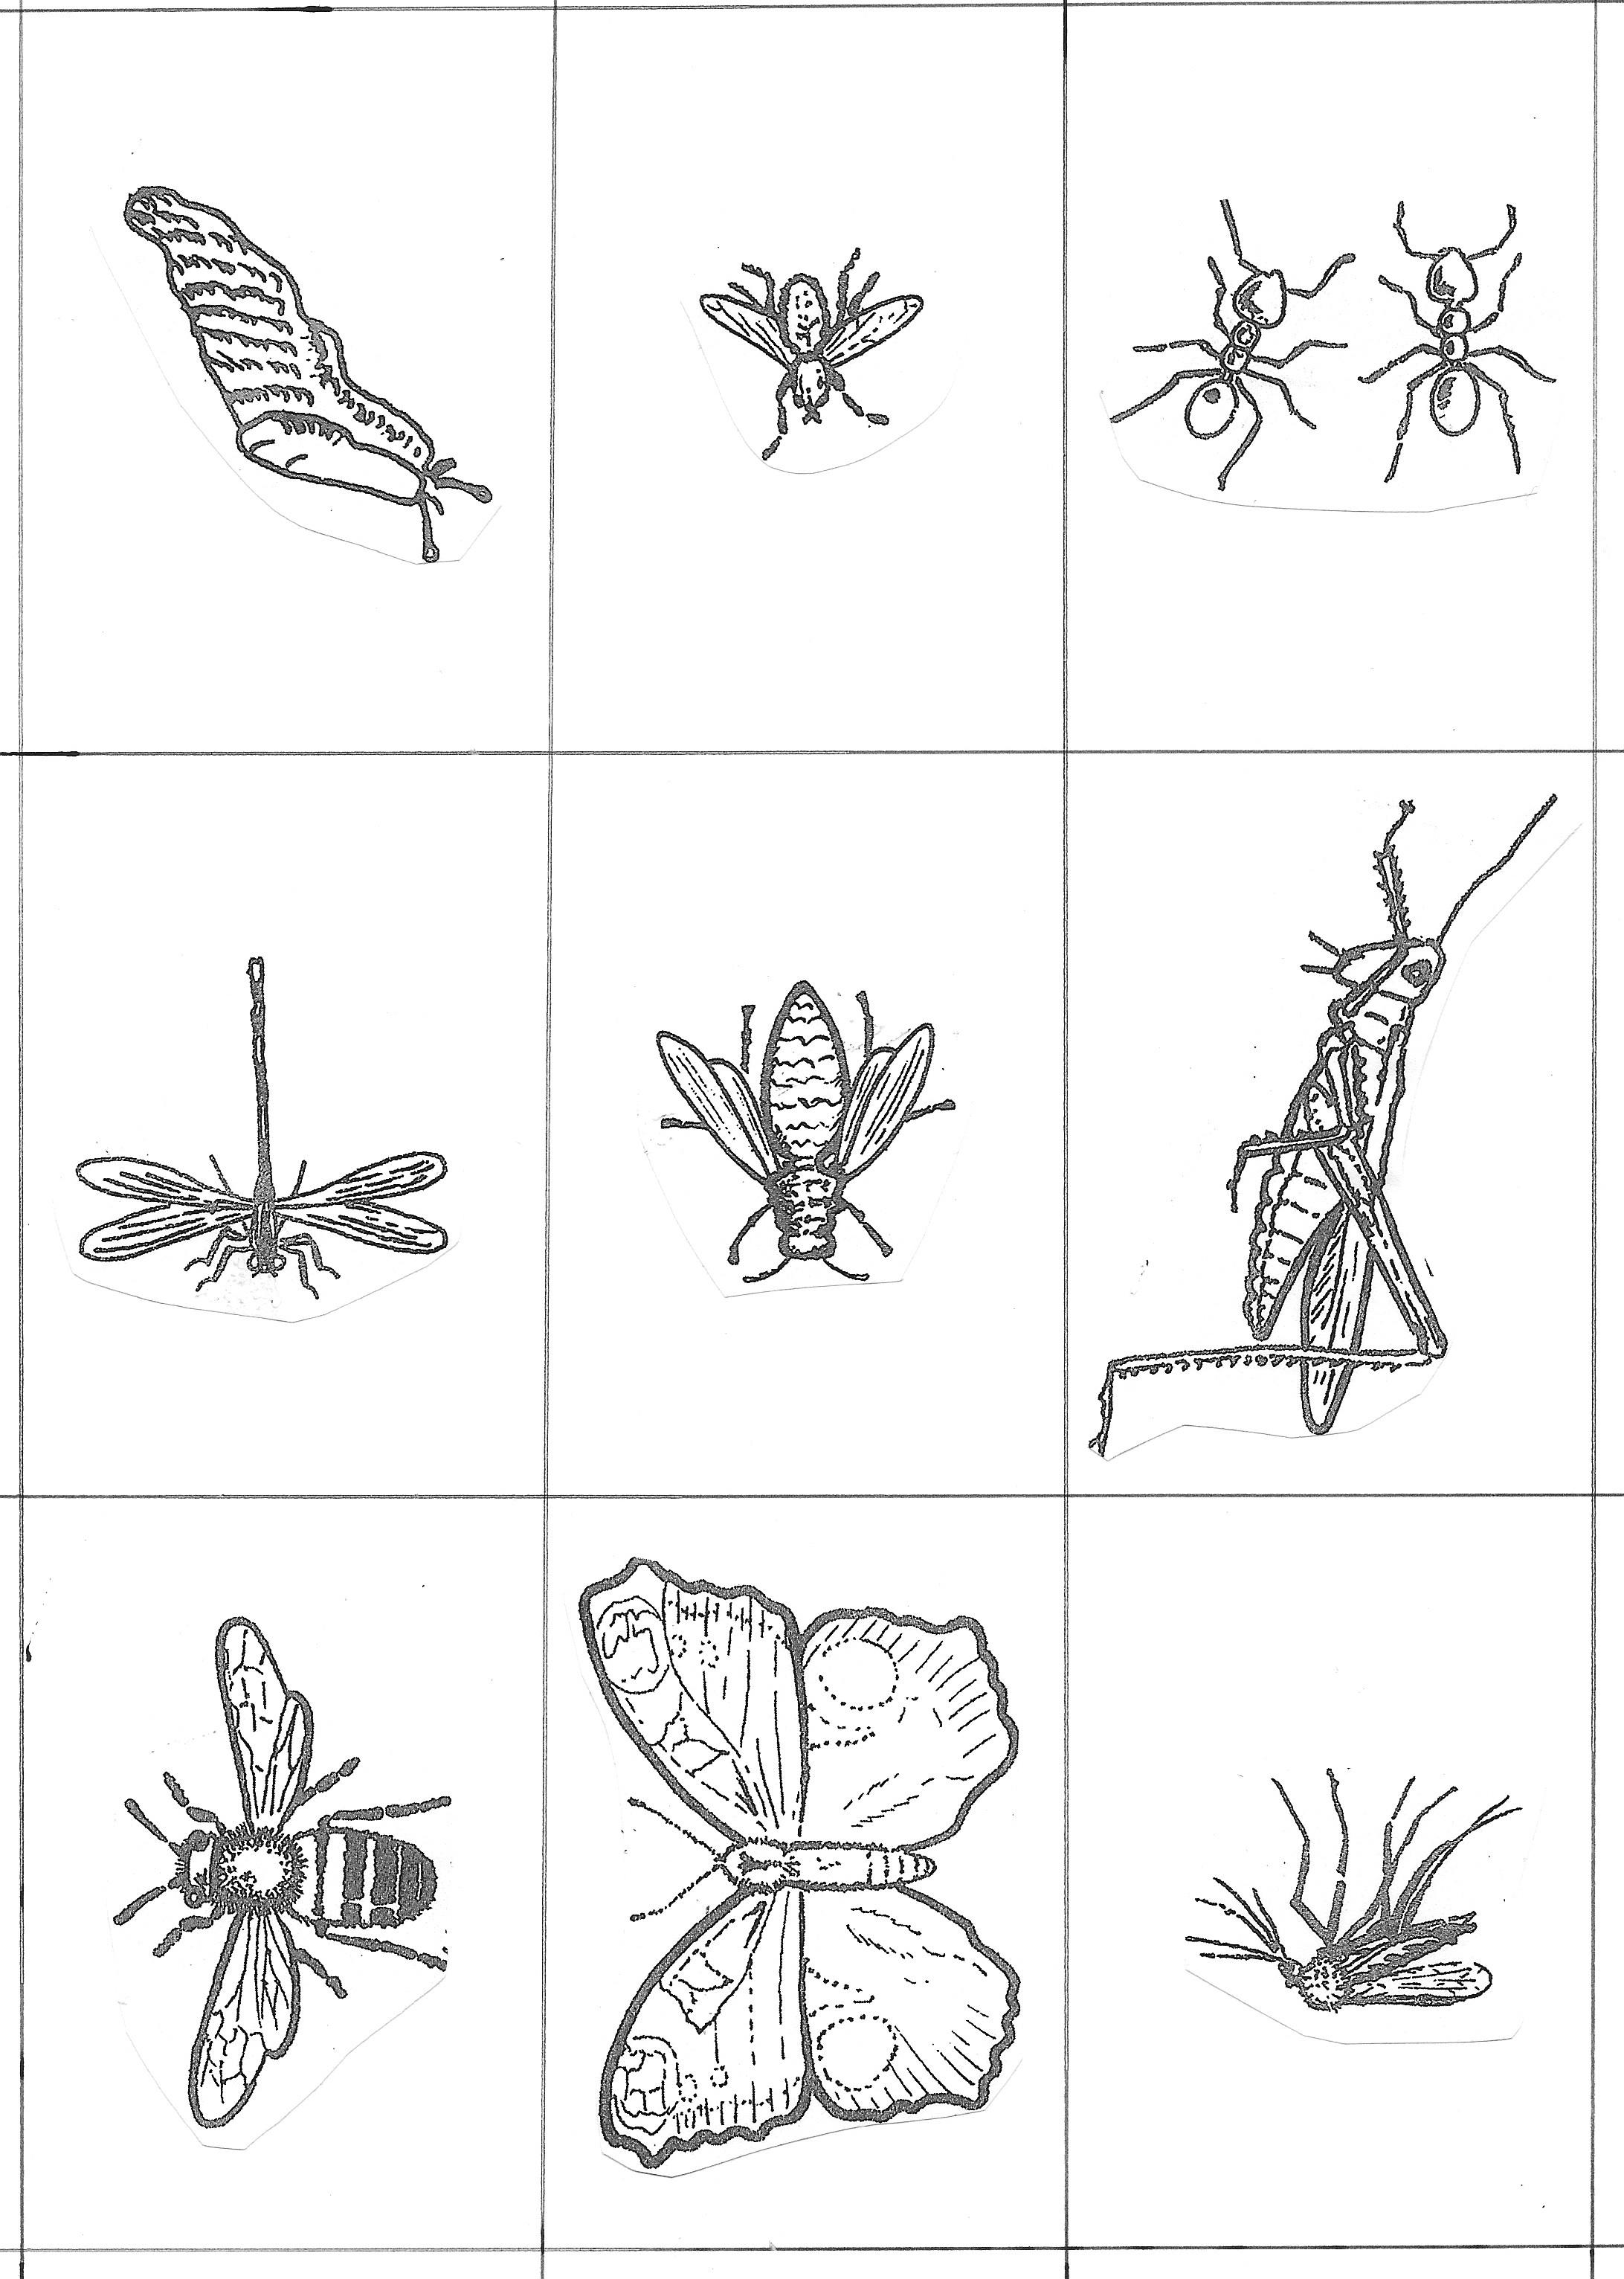 Cartes dessins lignes claires n°1